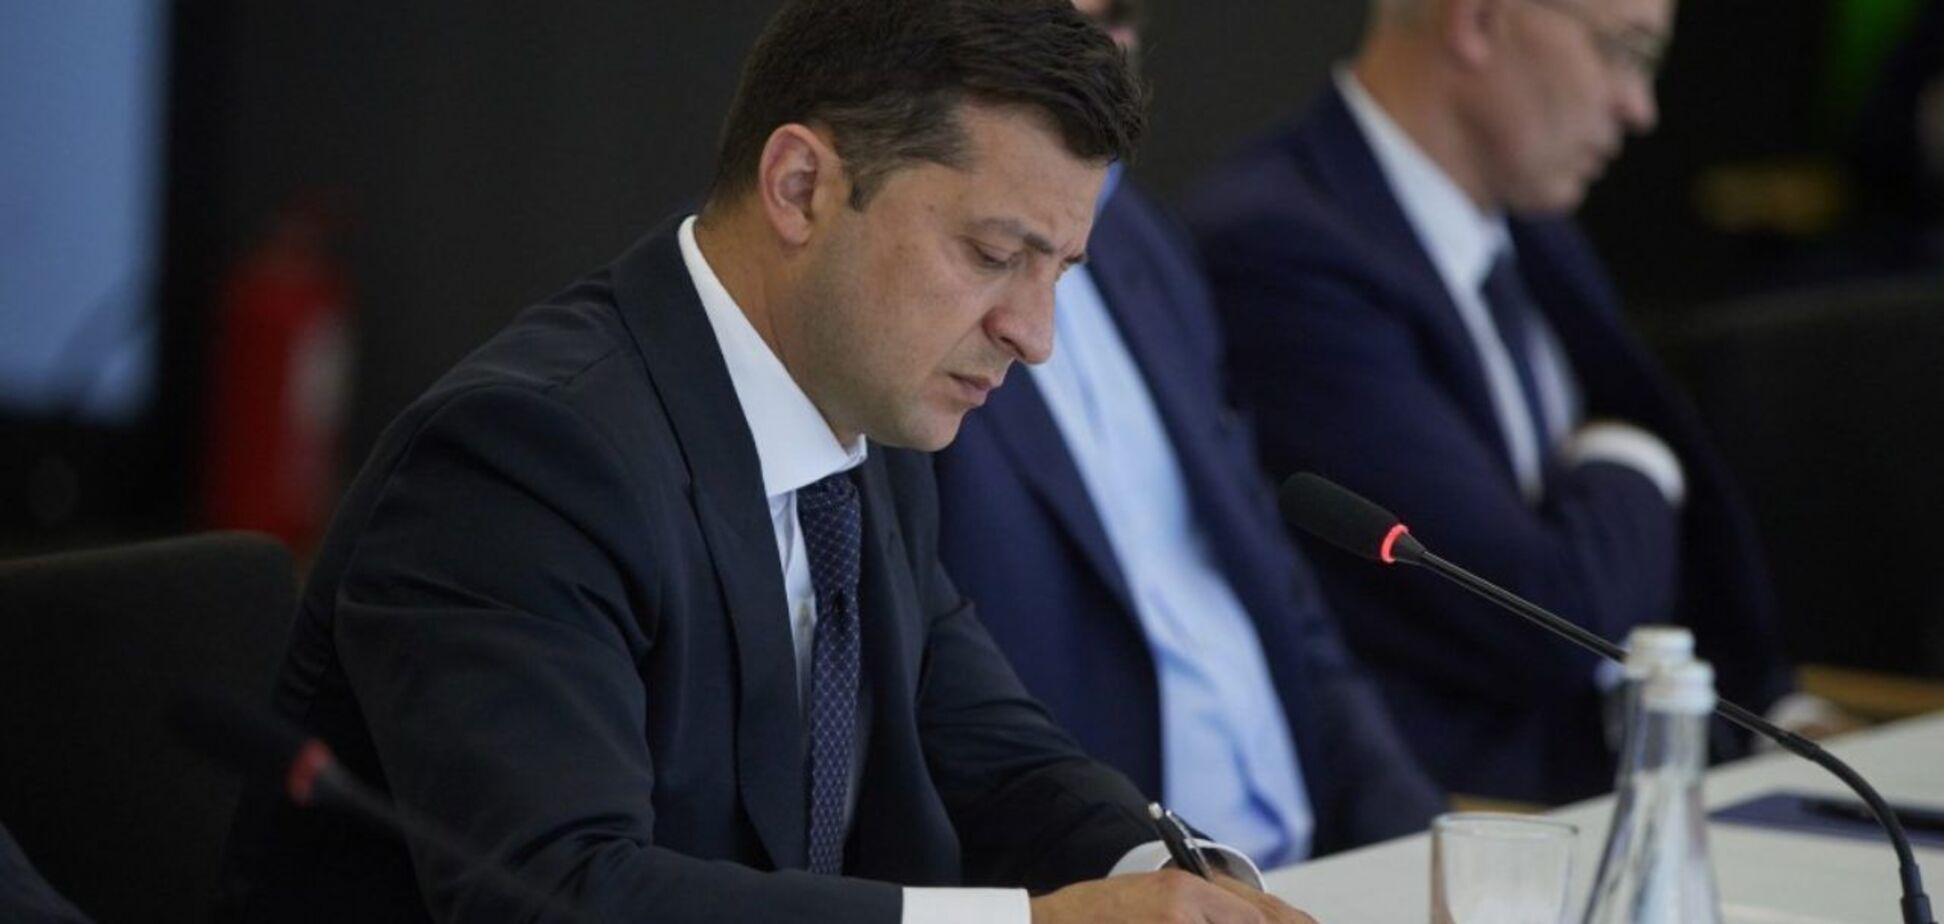 Володимир Зеленський нагородив курсантів та екіпаж з Ан-26